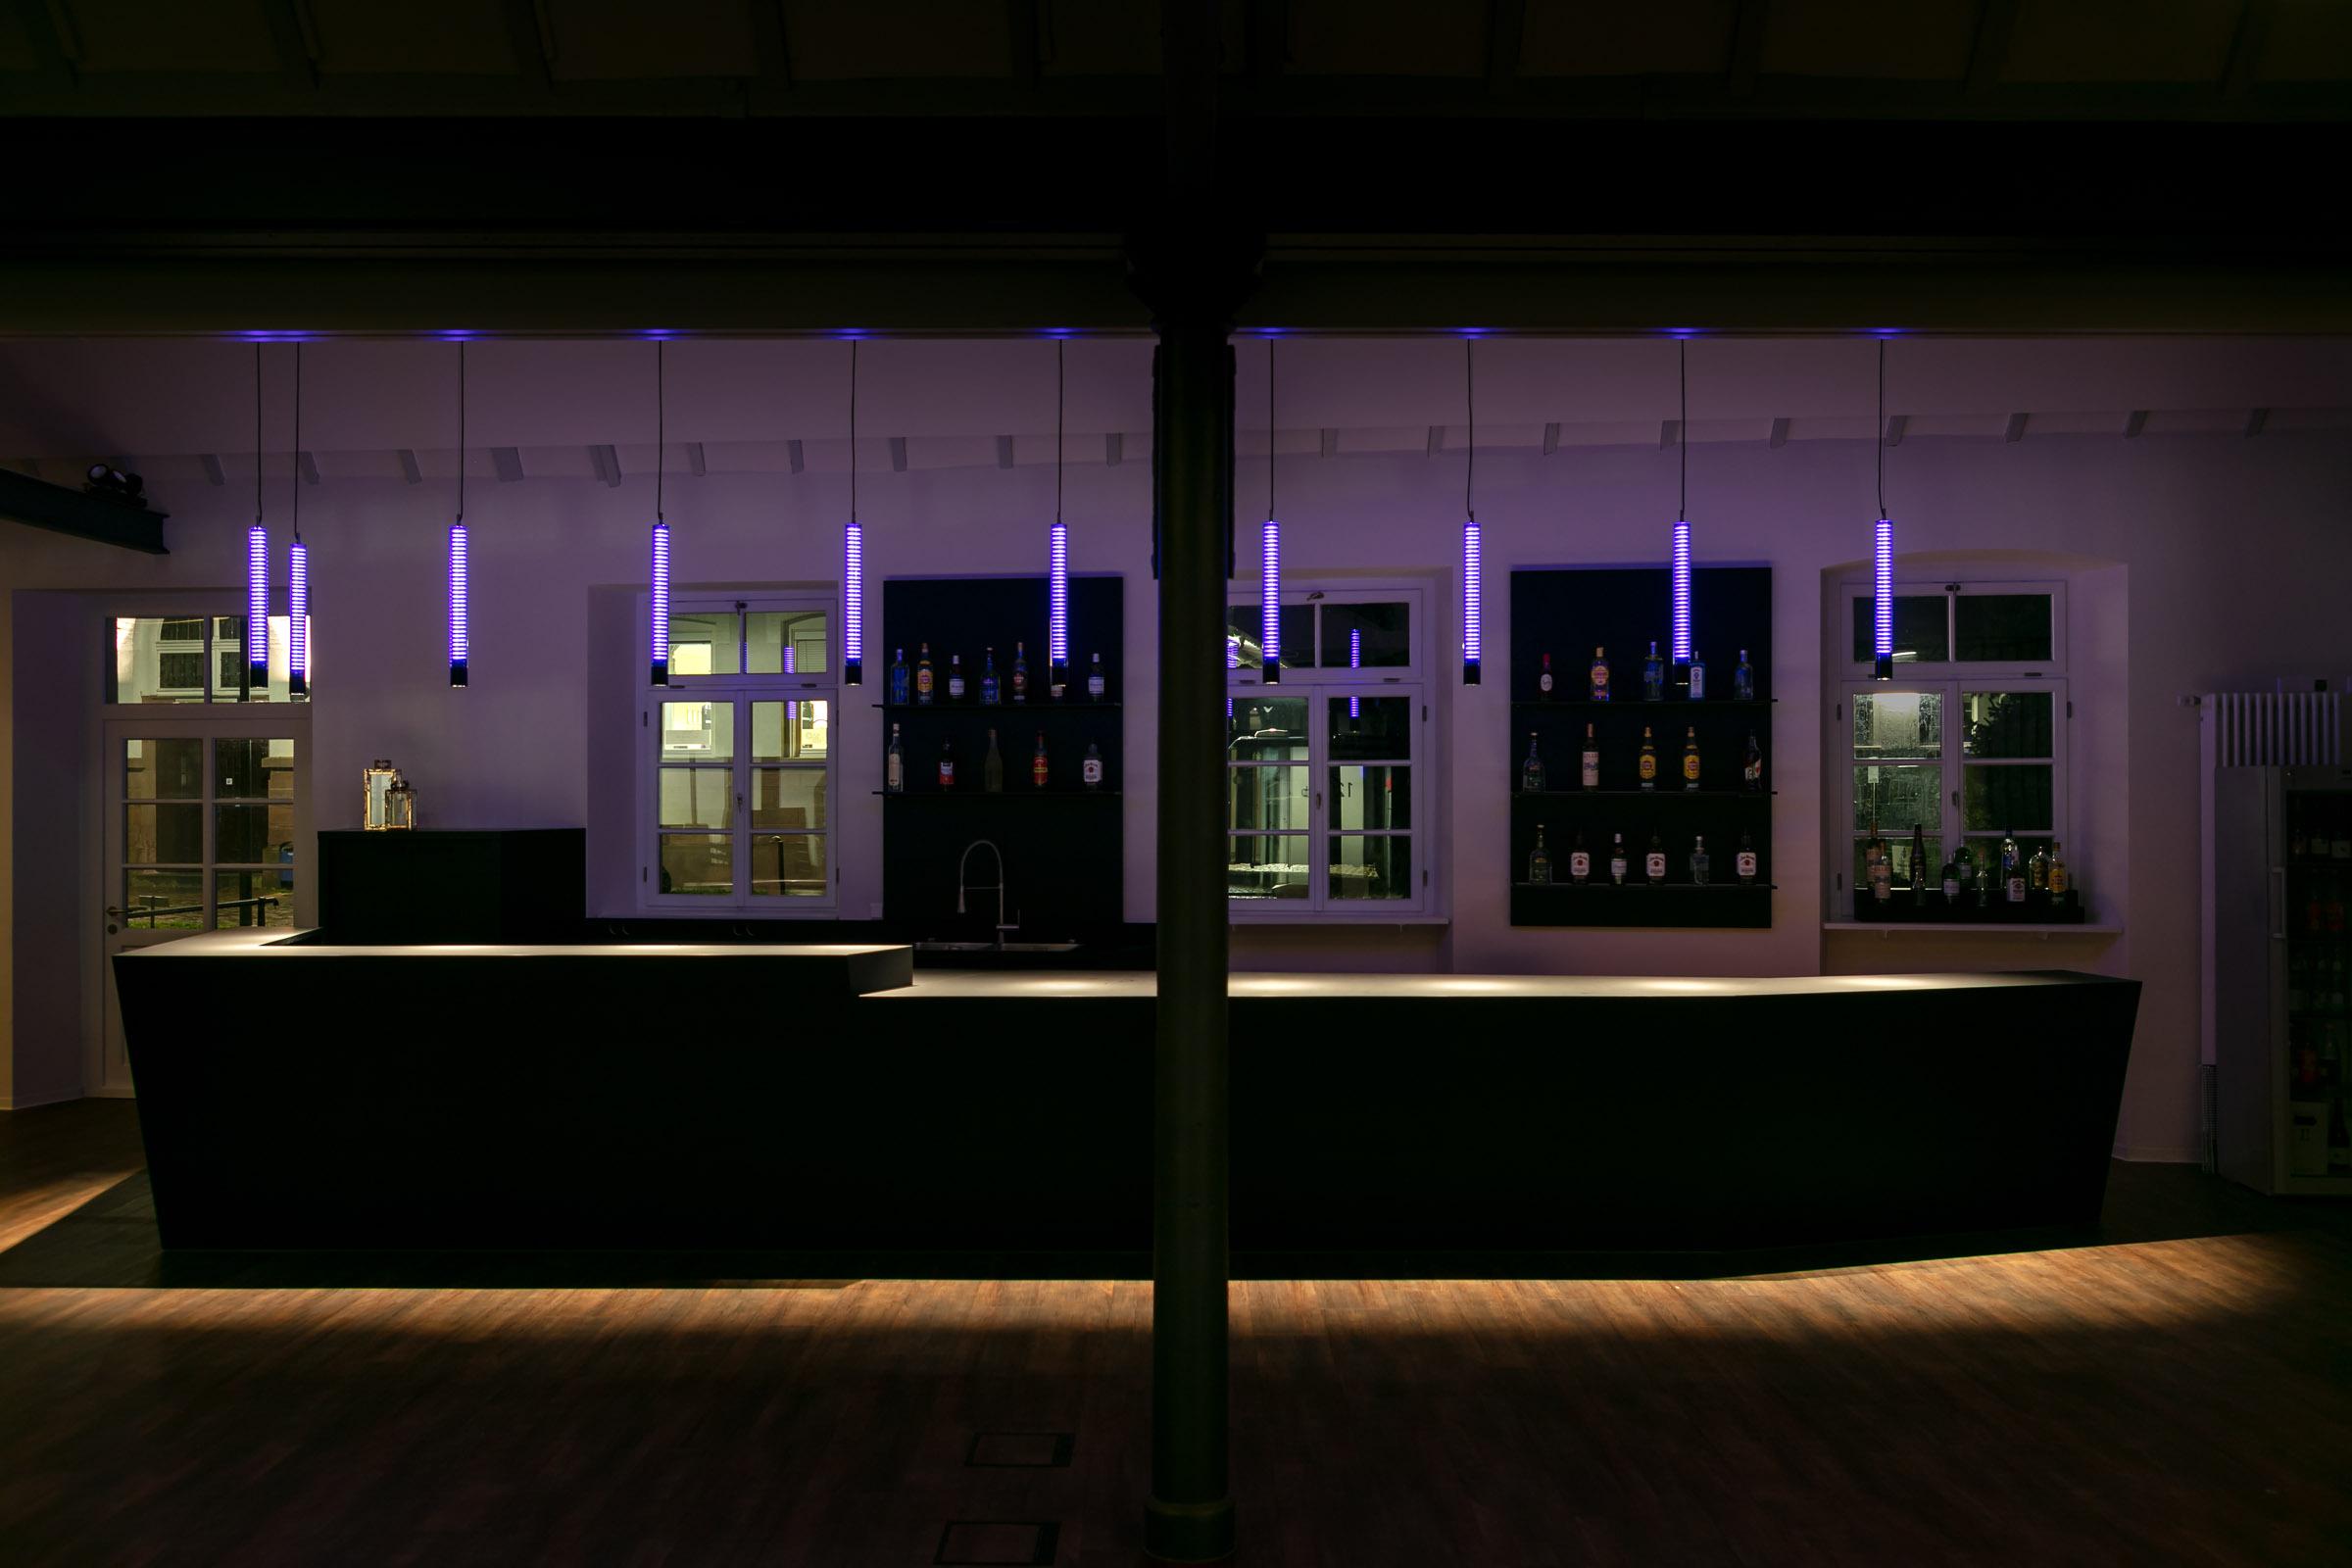 Schwarze Bar mit lila leuchtenden Glas-Pendelleuchten